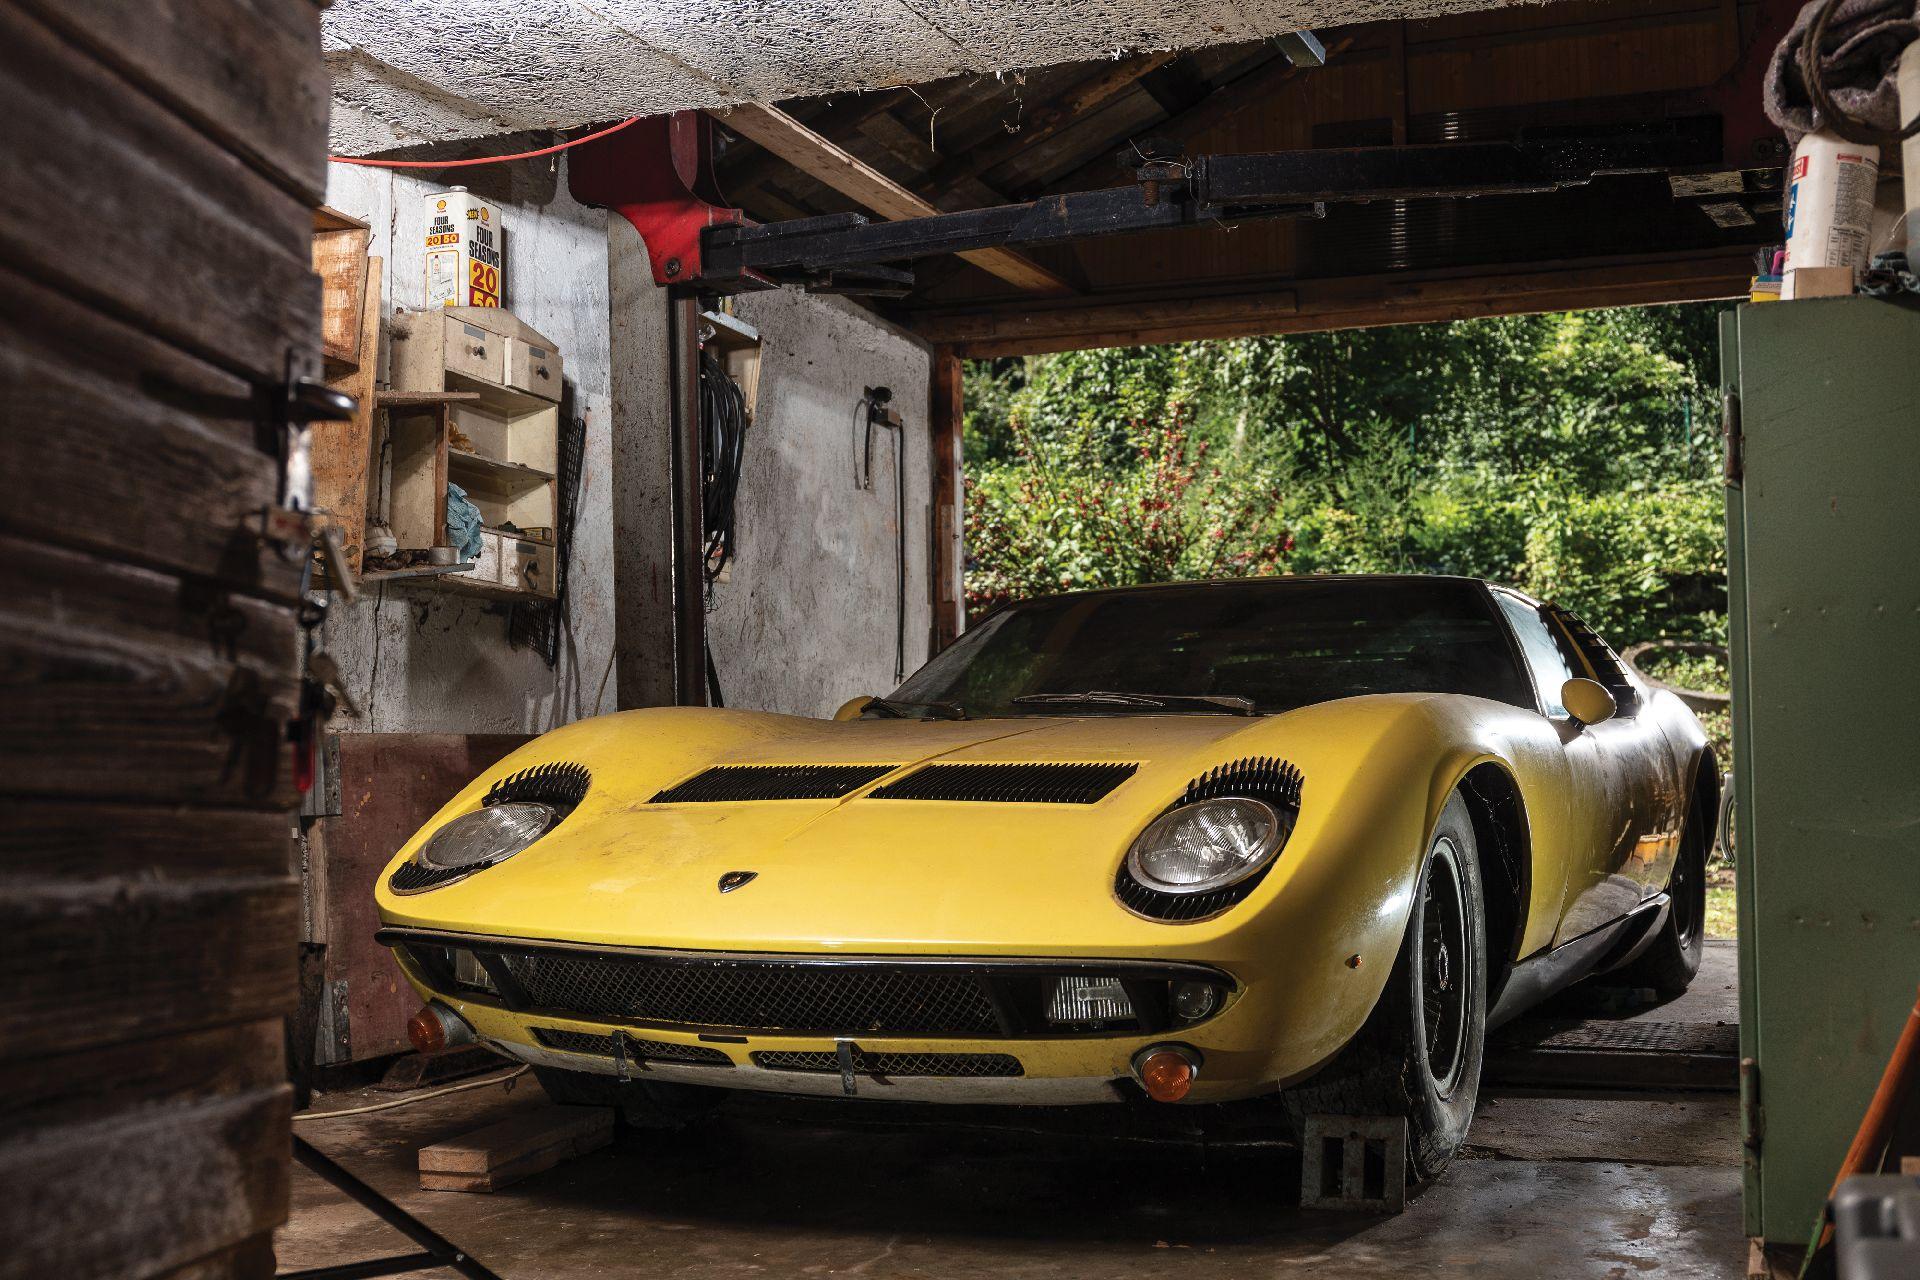 Barnfind_Lamborghini_Miura_P400S_0000